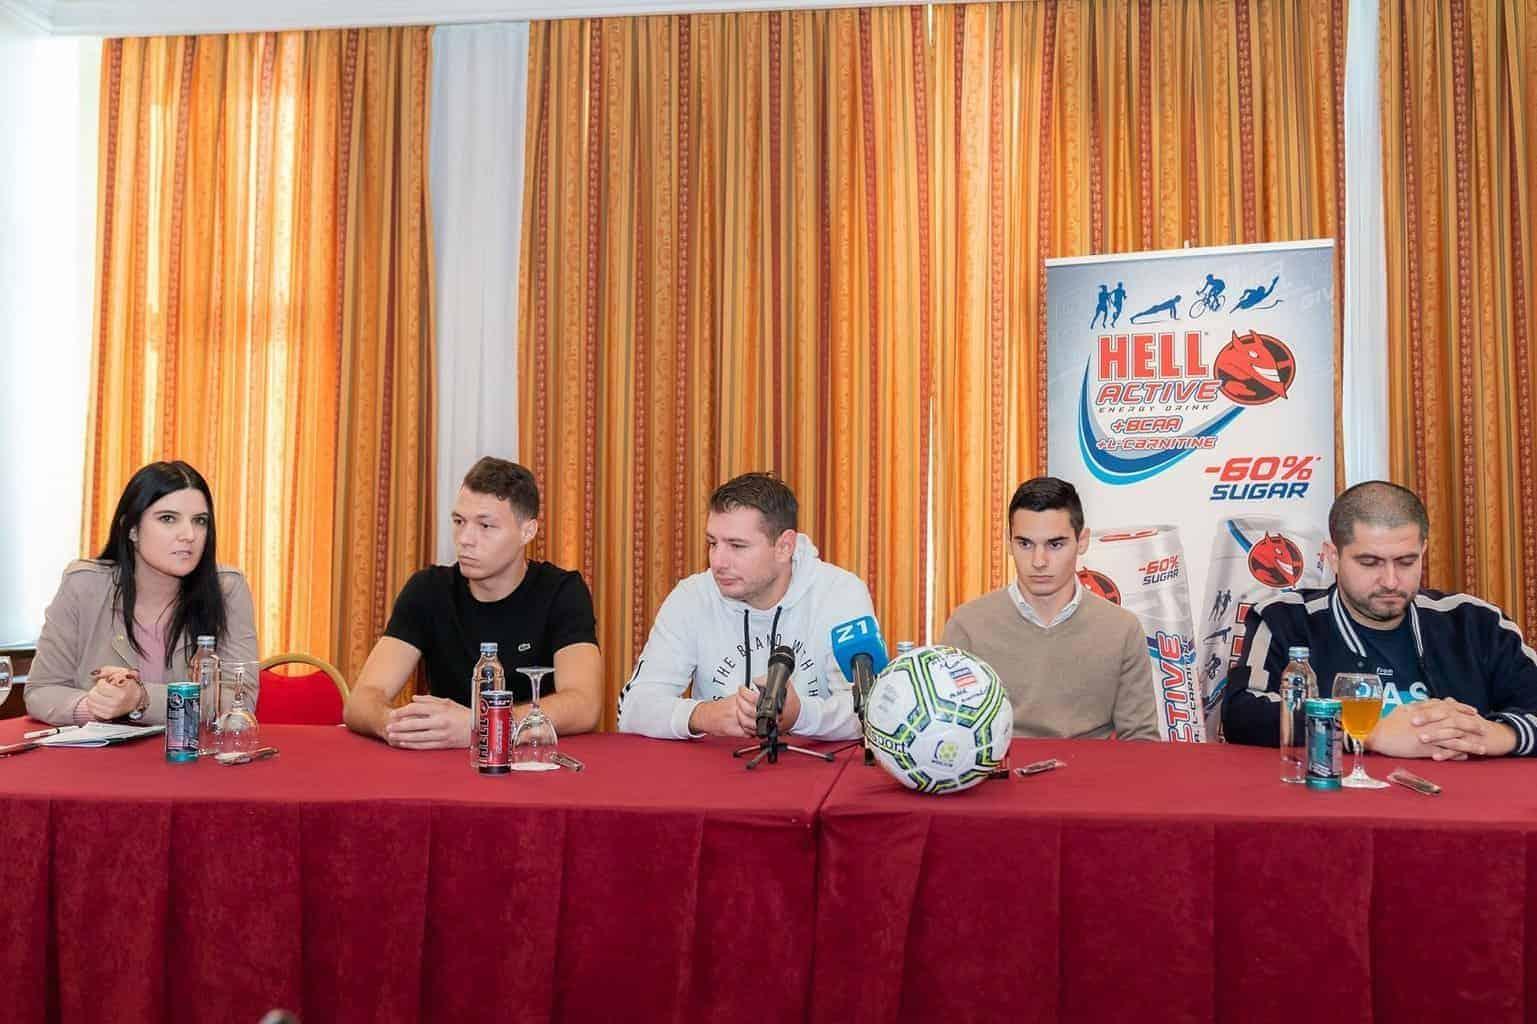 Hrvati spremni za malonogometno ludilo na Kreti: Nećemo se zadovoljiti prolaskom grupe, ciljamo minimalno na polufinale